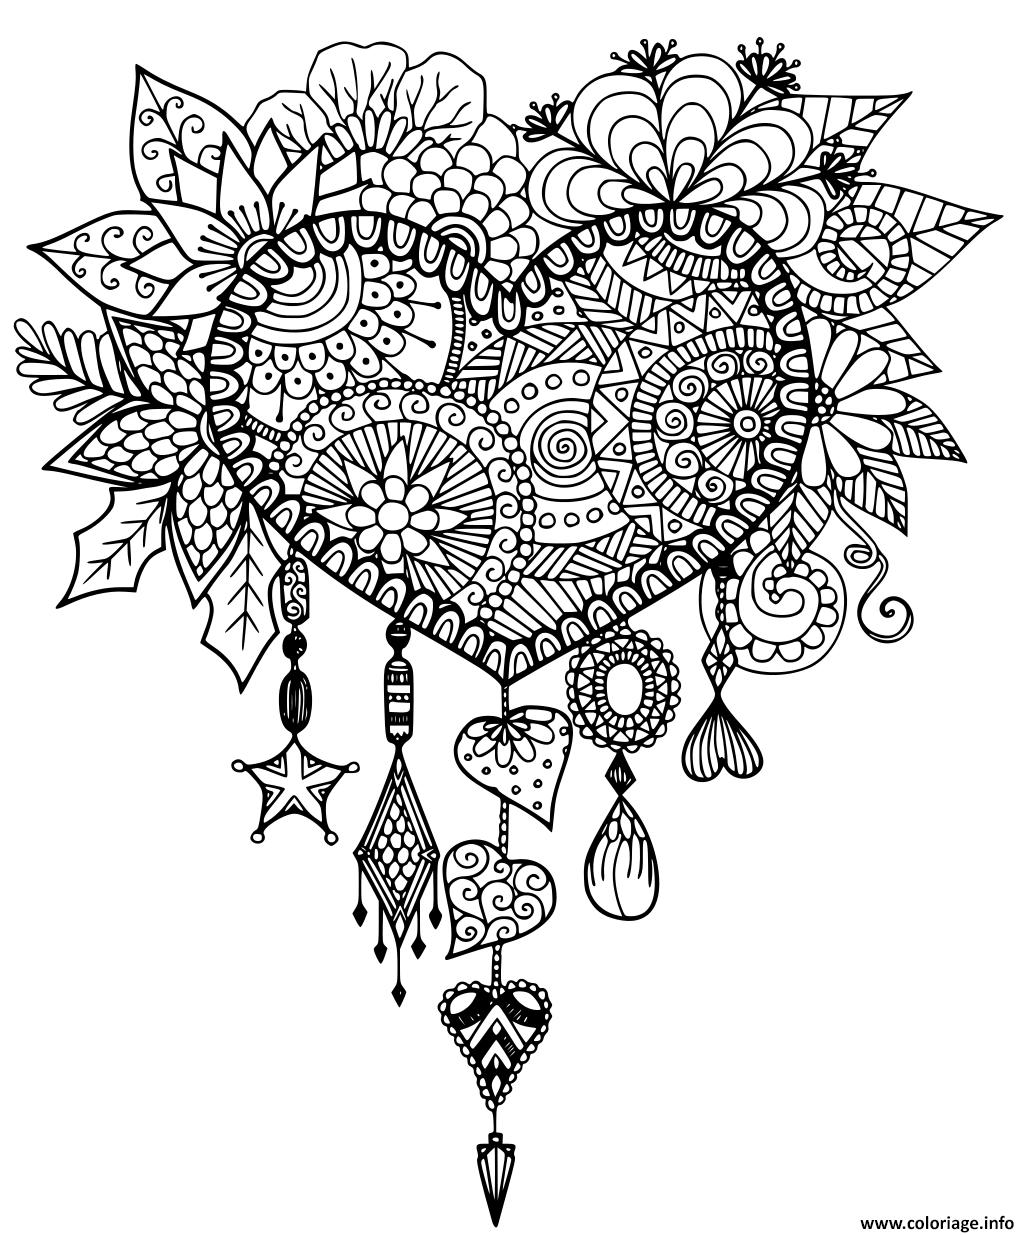 Dessin coeur adulte saint valentin zentangle Coloriage Gratuit à Imprimer